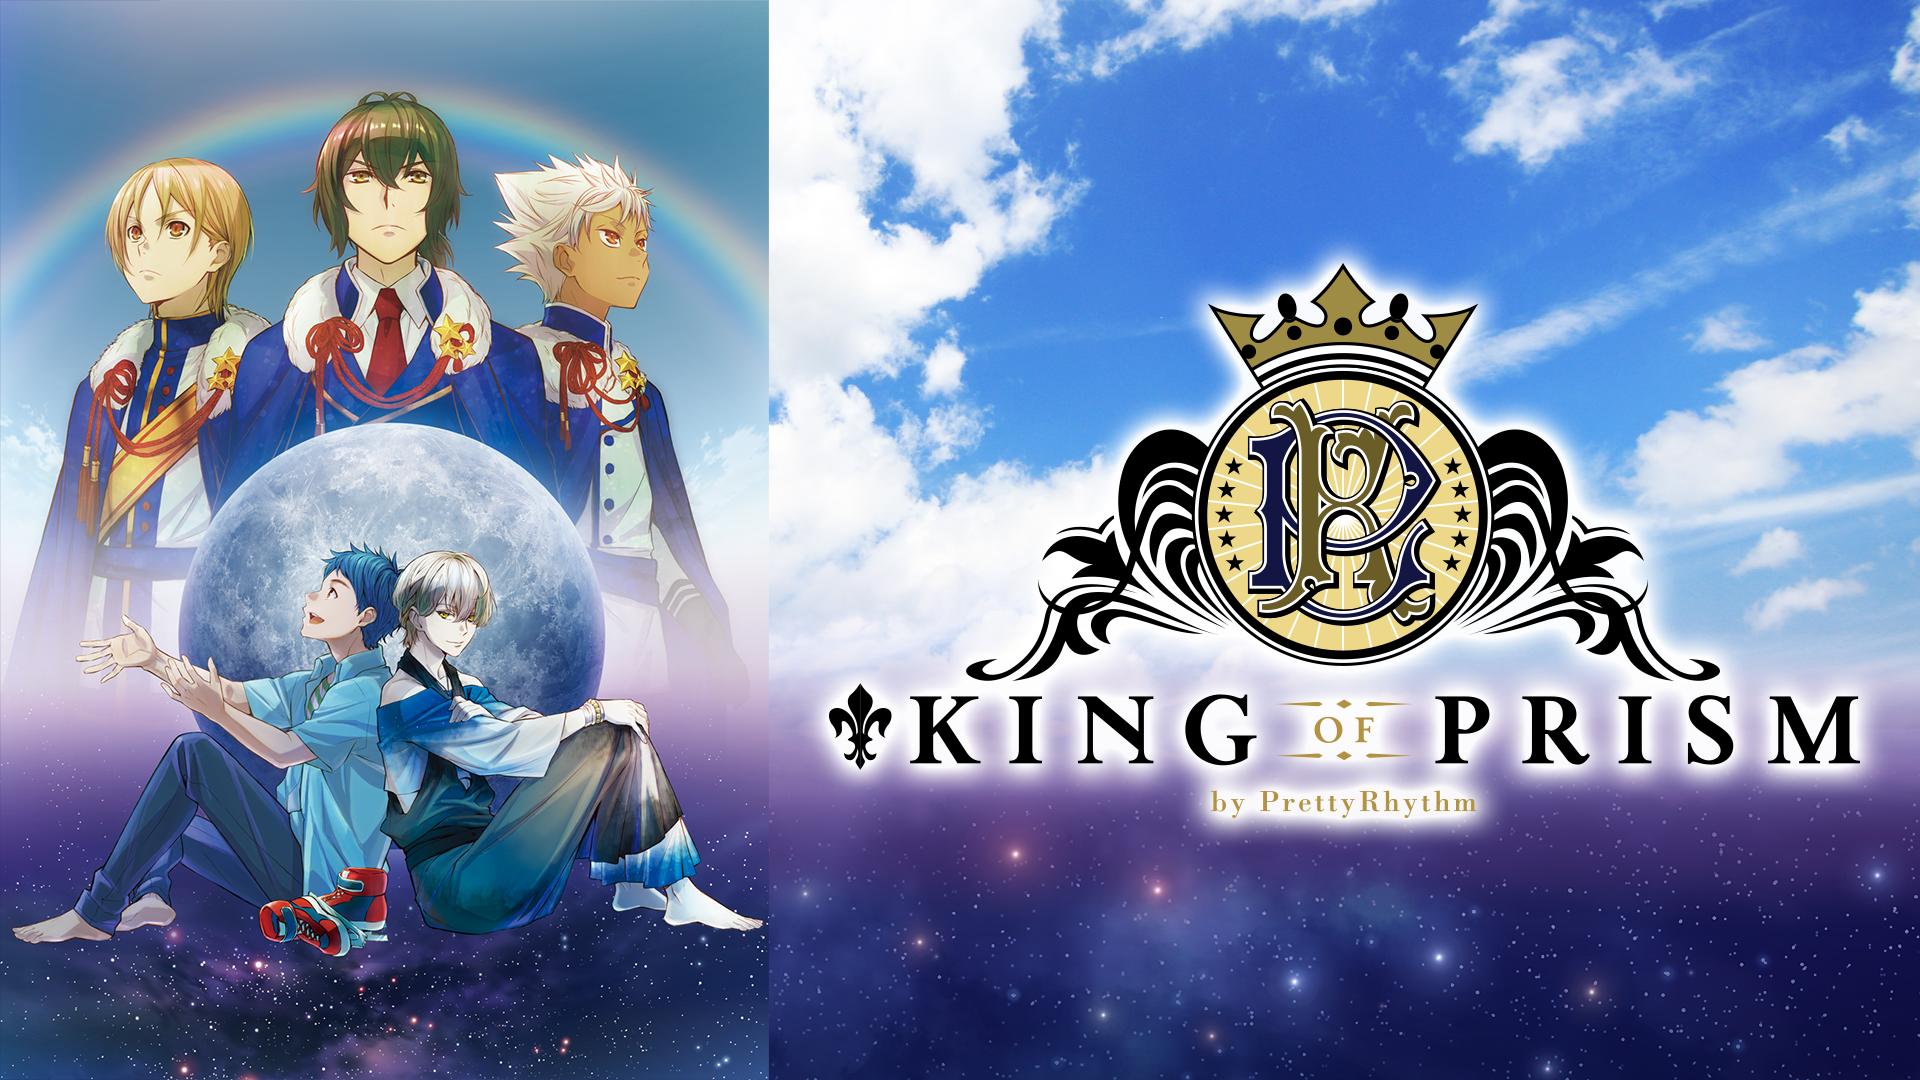 「KING OF PRISM by PrettyRhythm」(dアニメストア)